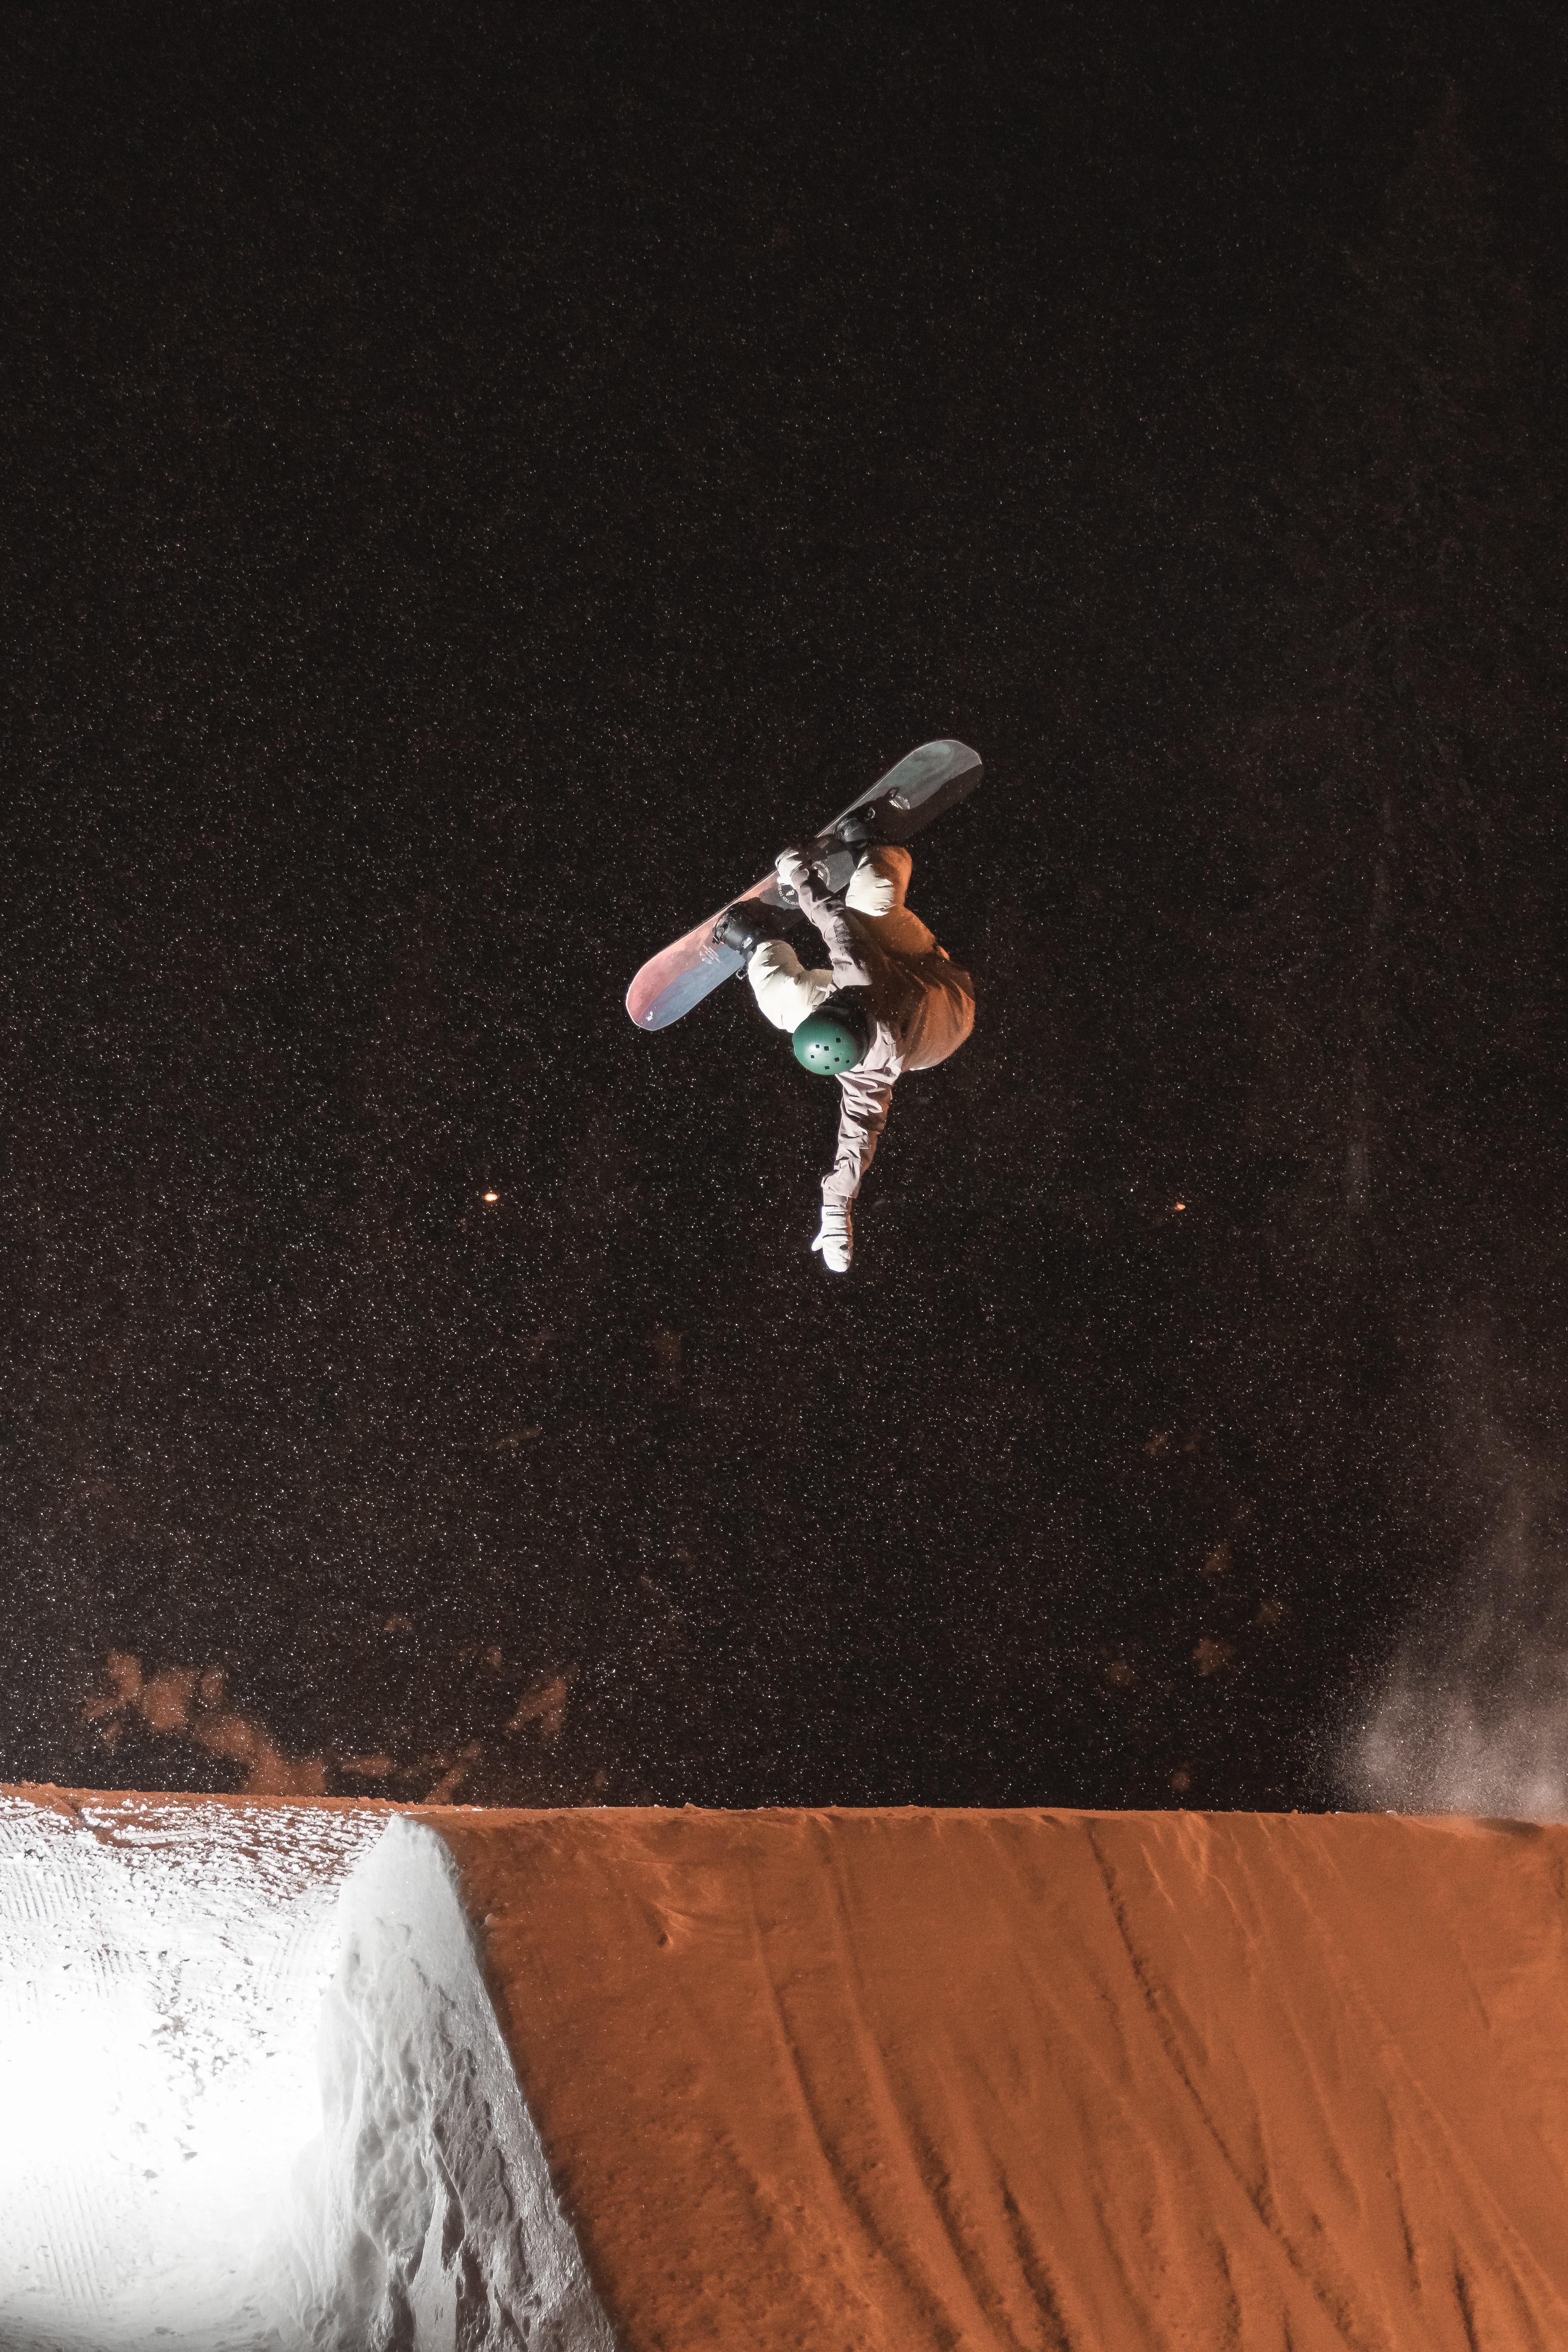 113502 скачать обои Спорт, Сноубордист, Сноуборд, Шлем, Склон, Прыжок - заставки и картинки бесплатно